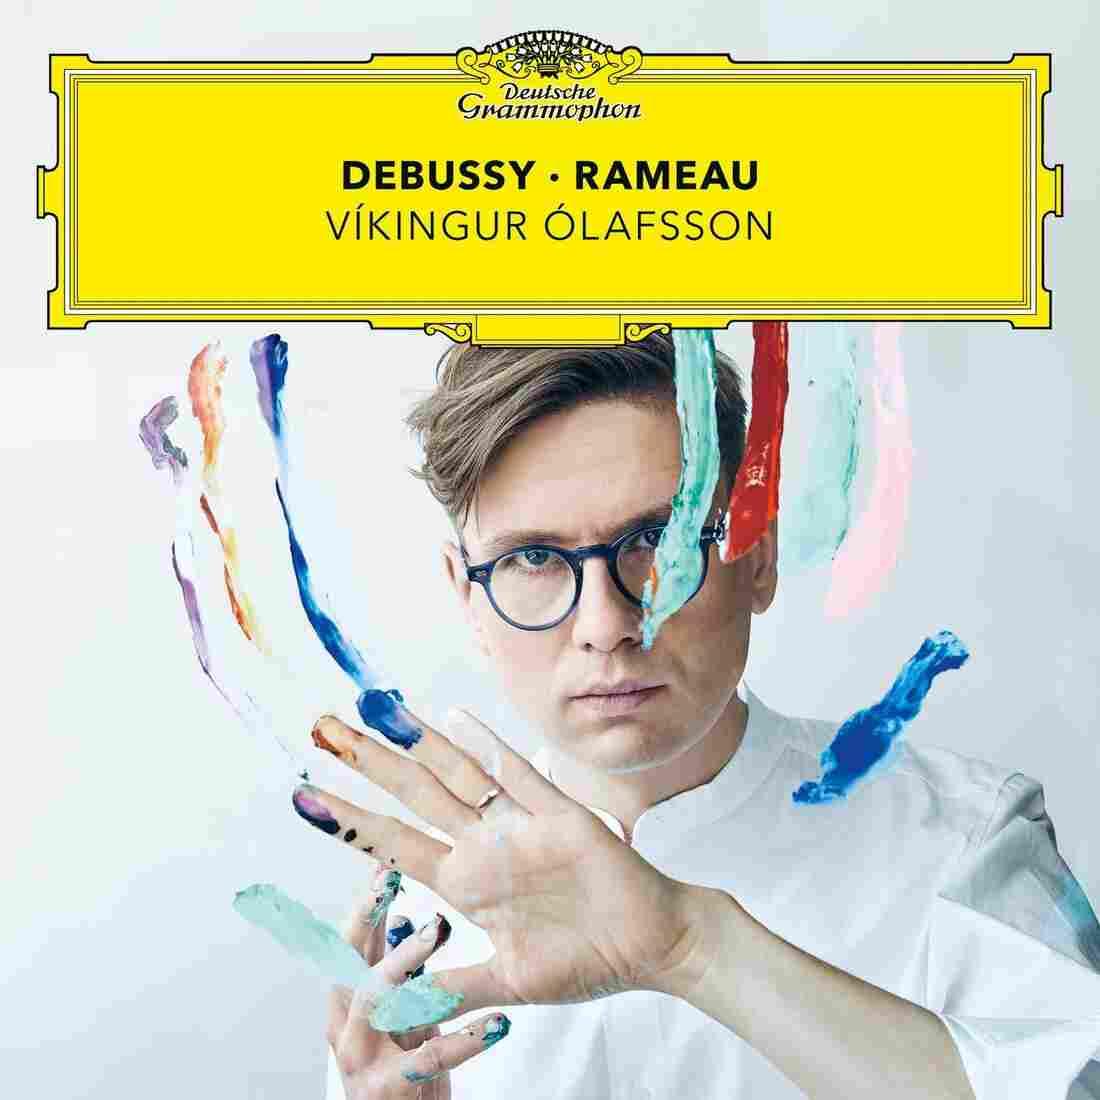 Víkingur Ólafsson, Debussy • Rameau